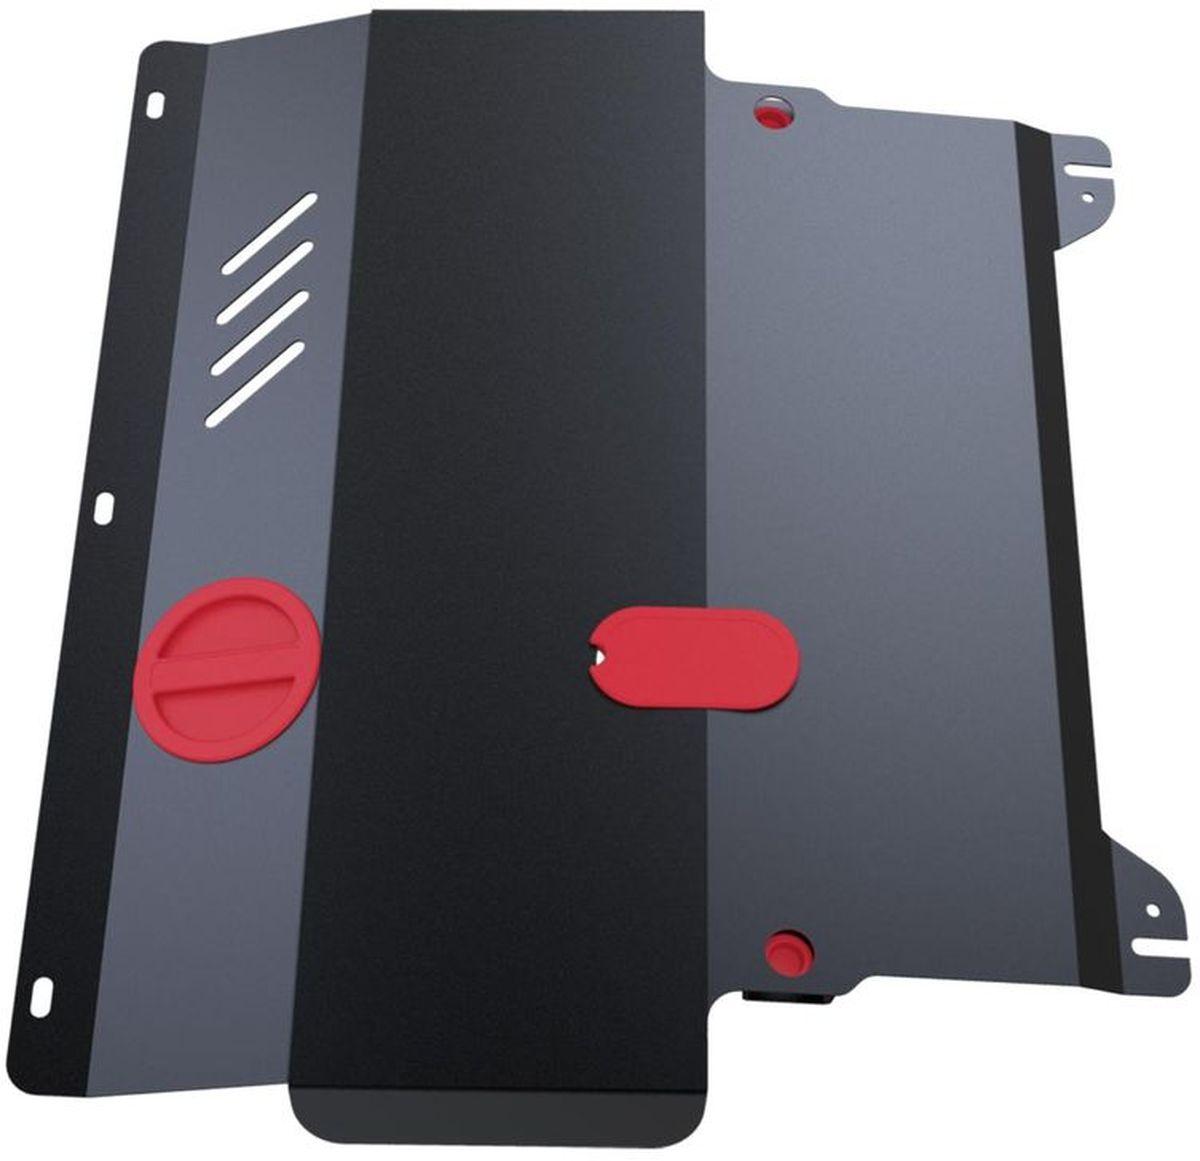 Защита картера Автоброня, для Nissan Presage, V - 2,5TD (1998-2004)111.04134.1Технологически совершенный продукт за невысокую стоимость. Защита разработана с учетом особенностей днища автомобиля, что позволяет сохранить дорожный просвет с минимальным изменением. Защита устанавливается в штатные места кузова автомобиля. Глубокий штамп обеспечивает до двух раз больше жесткости в сравнении с обычной защитой той же толщины. Проштампованные ребра жесткости препятствуют деформации защиты при ударах. Тепловой зазор и вентиляционные отверстия обеспечивают сохранение температурного режима двигателя в норме. Скрытый крепеж предотвращает срыв крепежных элементов при наезде на препятствие. Шумопоглощающие резиновые элементы обеспечивают комфортную езду без вибраций и скрежета металла, а съемные лючки для слива масла и замены фильтра - экономию средств и время. Конструкция изделия не влияет на пассивную безопасность автомобиля (при ударе защита не воздействует на деформационные зоны кузова). Со штатным крепежом. В комплекте инструкция по установке....